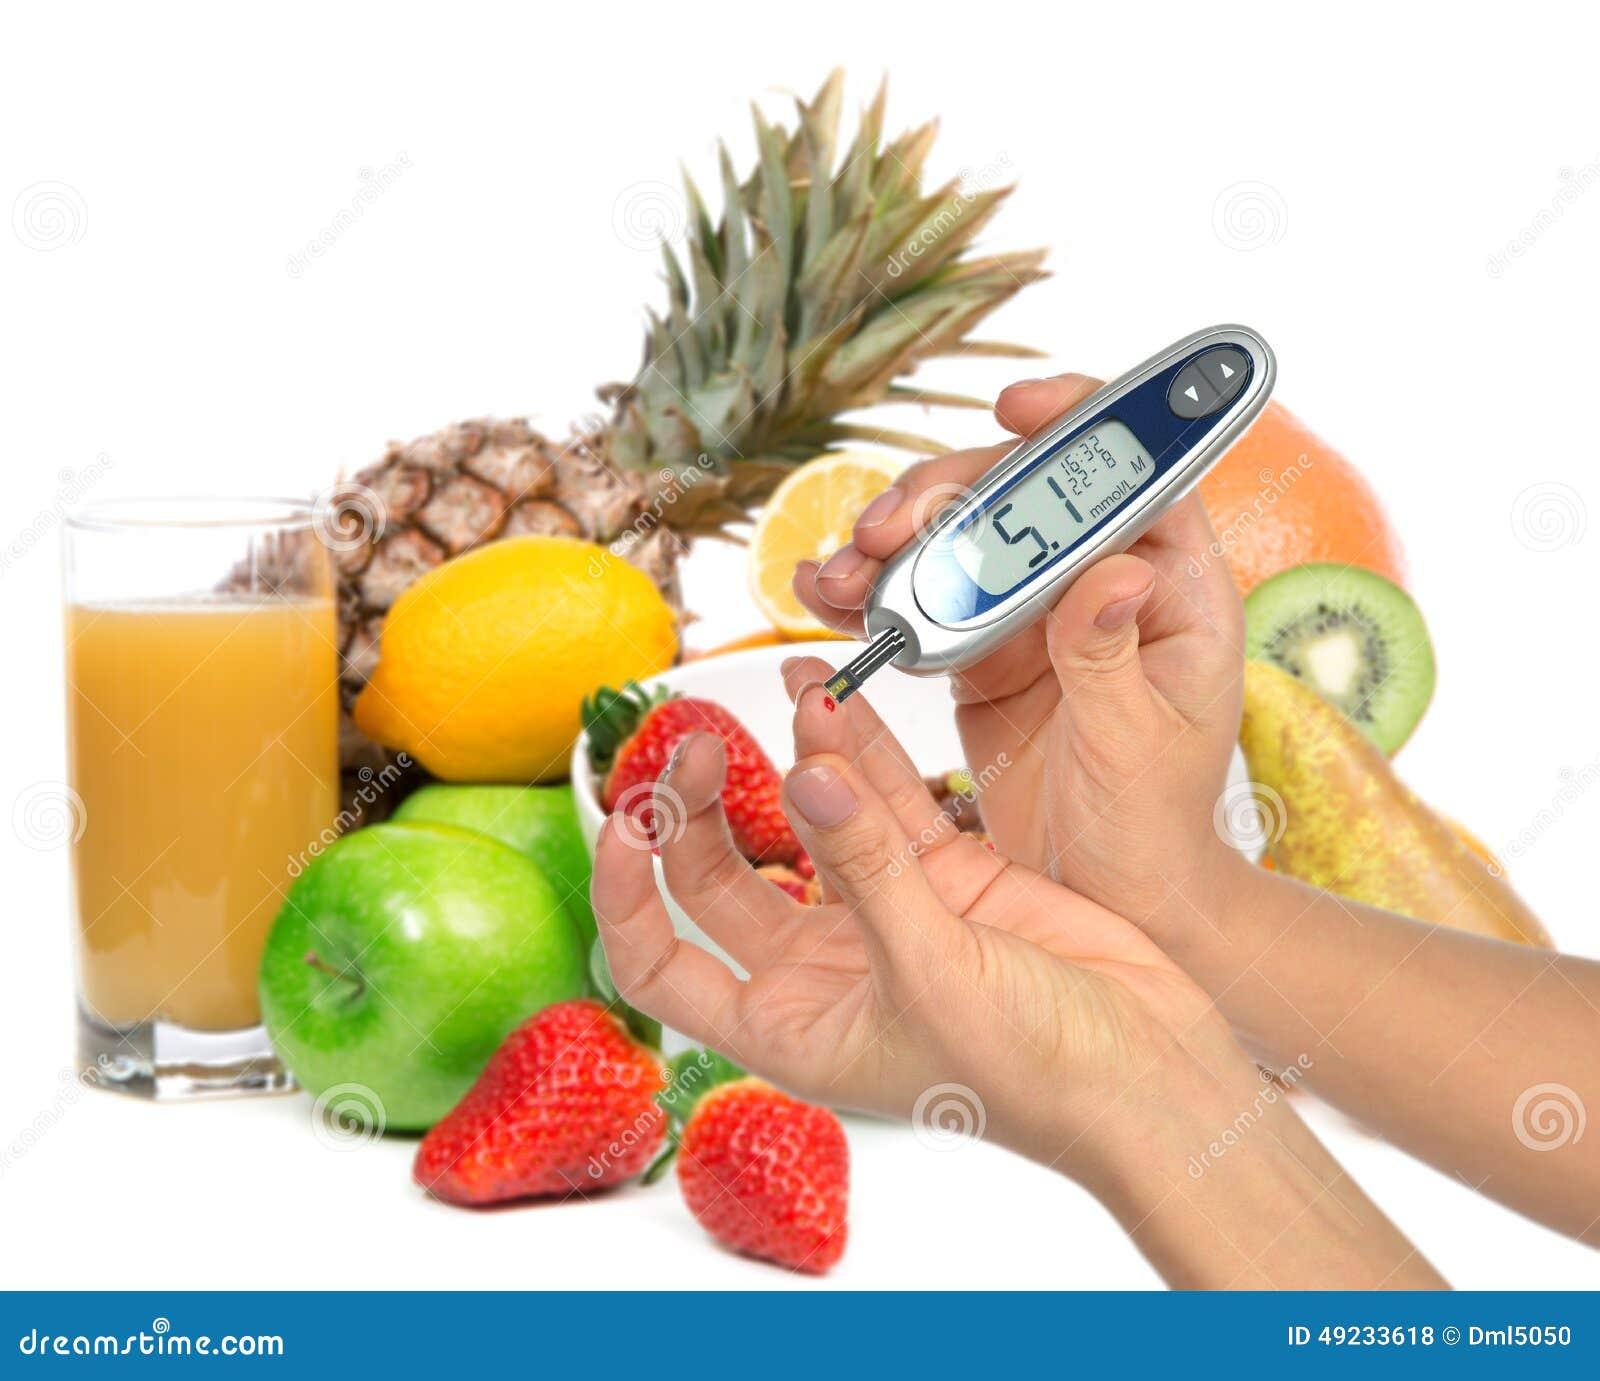 Concetto del diabetico del diabete Analisi del sangue livellata di misurazione del glucosio